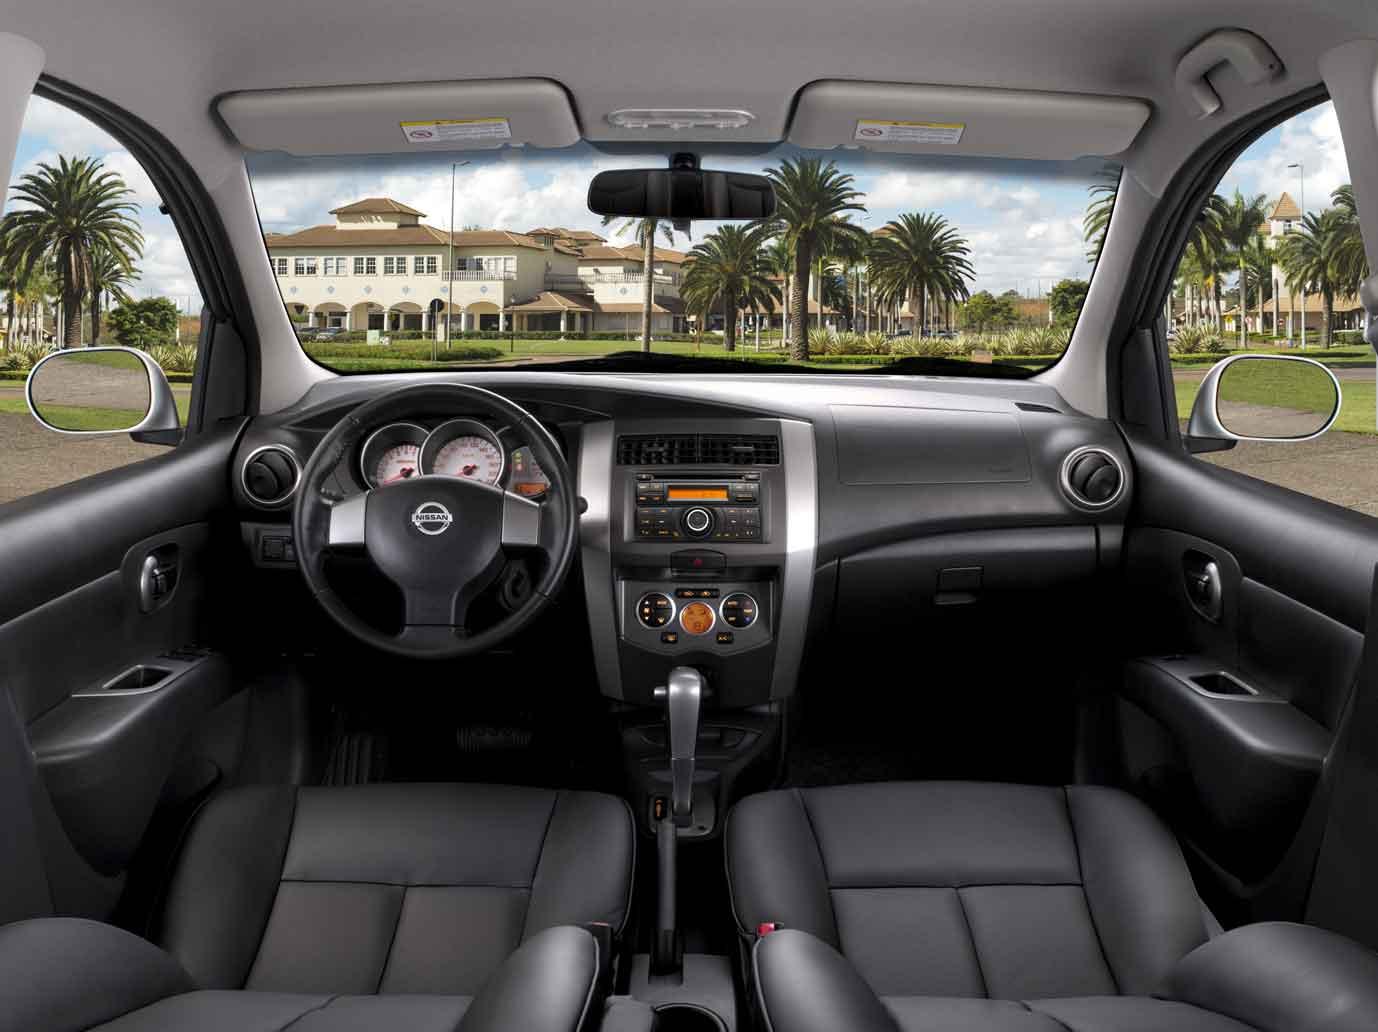 novo Nissan Livina 2014 interior